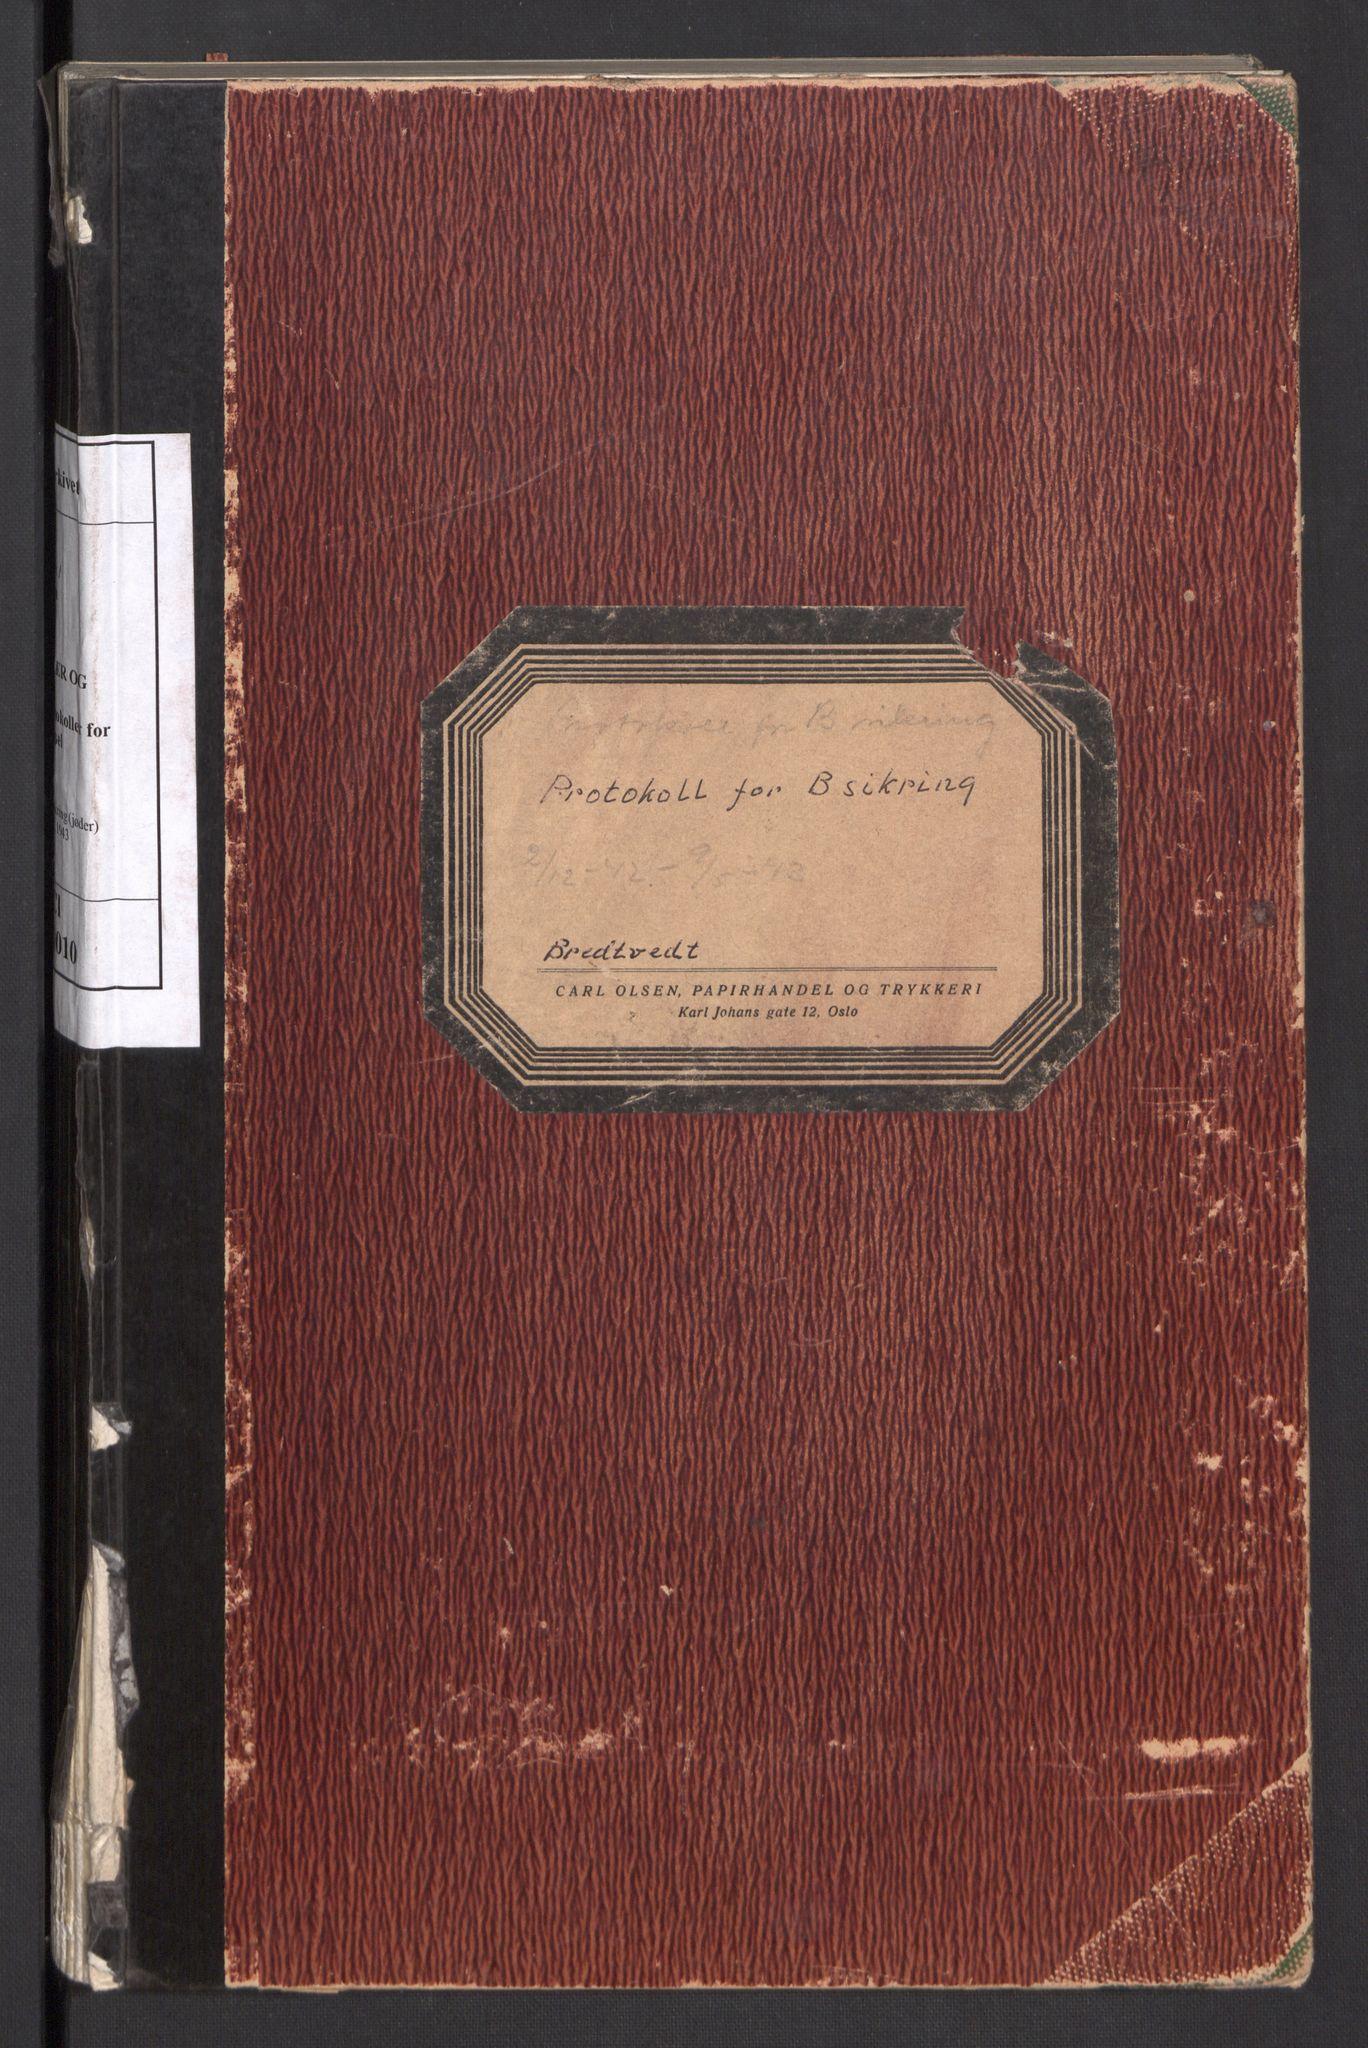 RA, Statspolitiet - Hovedkontoret / Osloavdelingen, C/Cl/L0010: Protokoll for B - sikring (jøder), 1942-1943